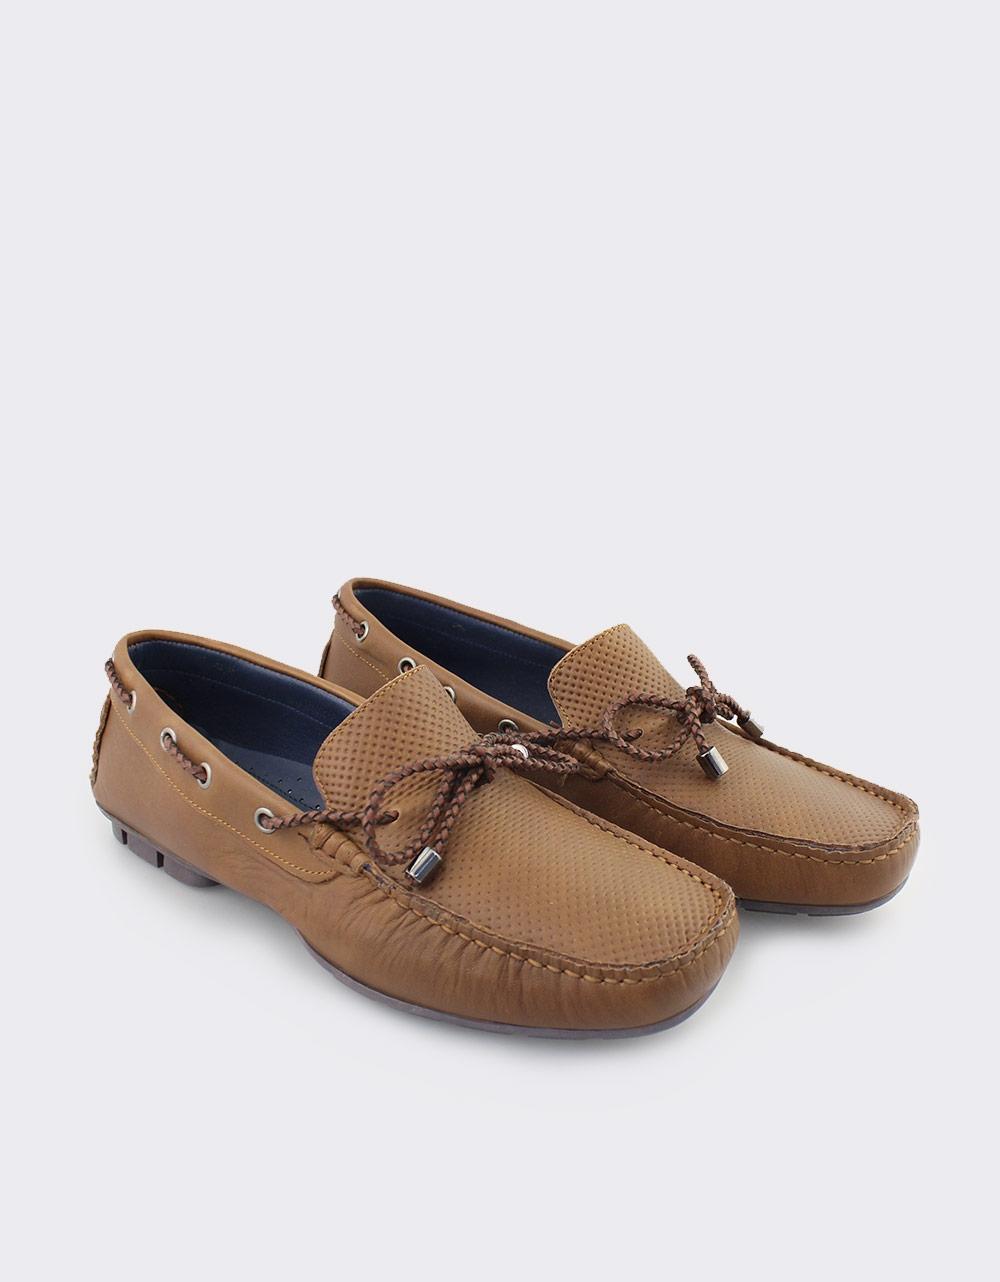 Εικόνα από Ανδρικά δερμάτινα loafers με διακοσμητικά κορδόνια Ταμπά